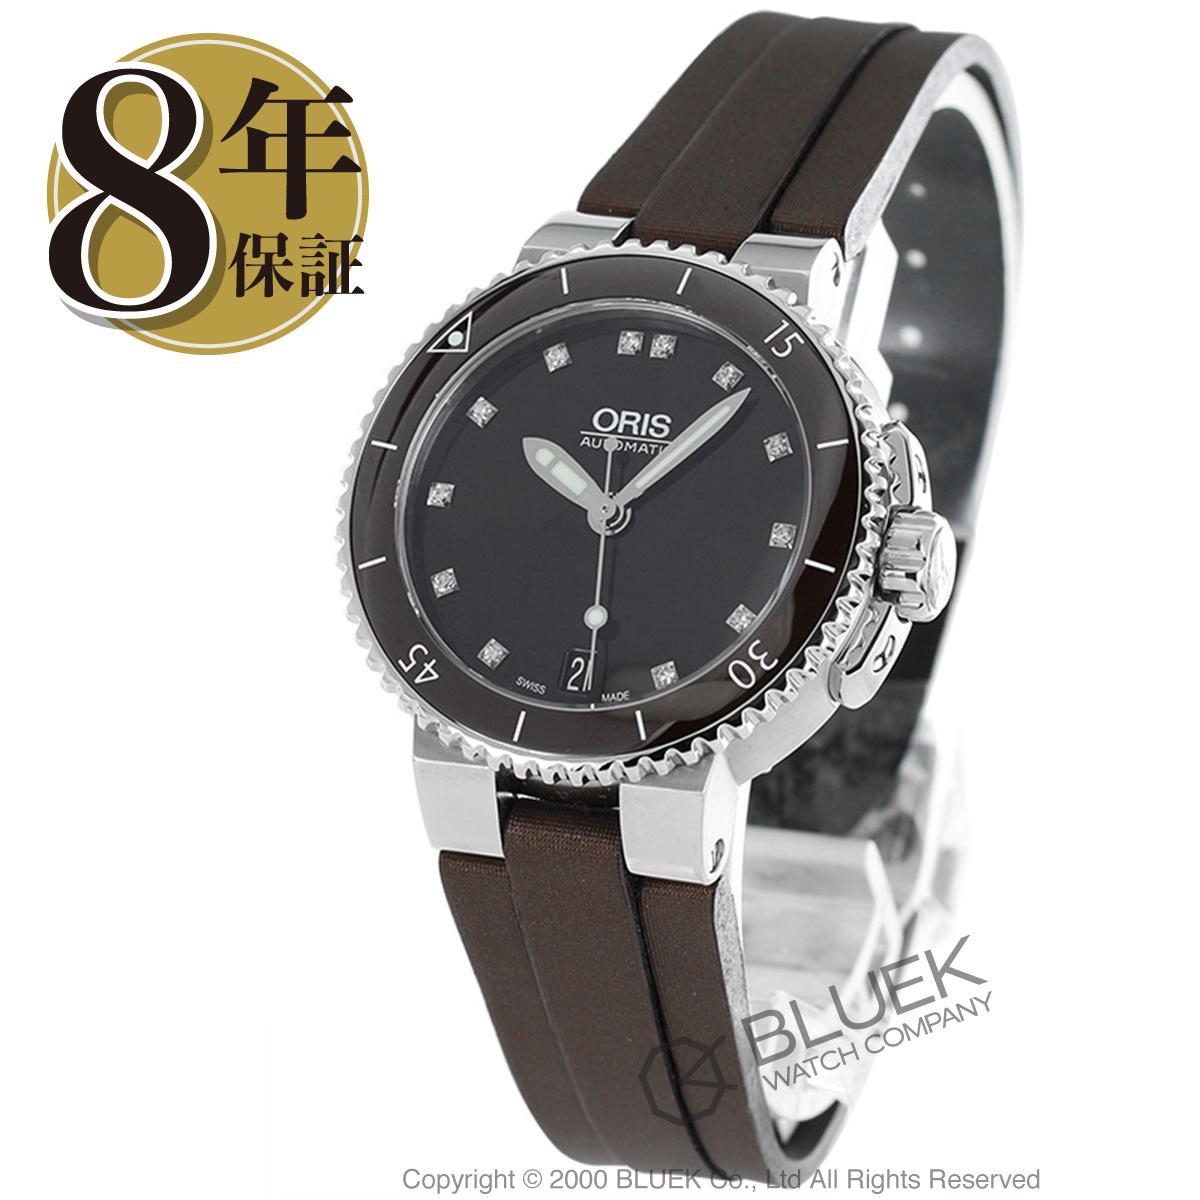 オリス アクイス デイト ダイヤモンド 300m防水 ダイヤ サテンレザー 腕時計 レディース ORIS 733 7652 4192D_8